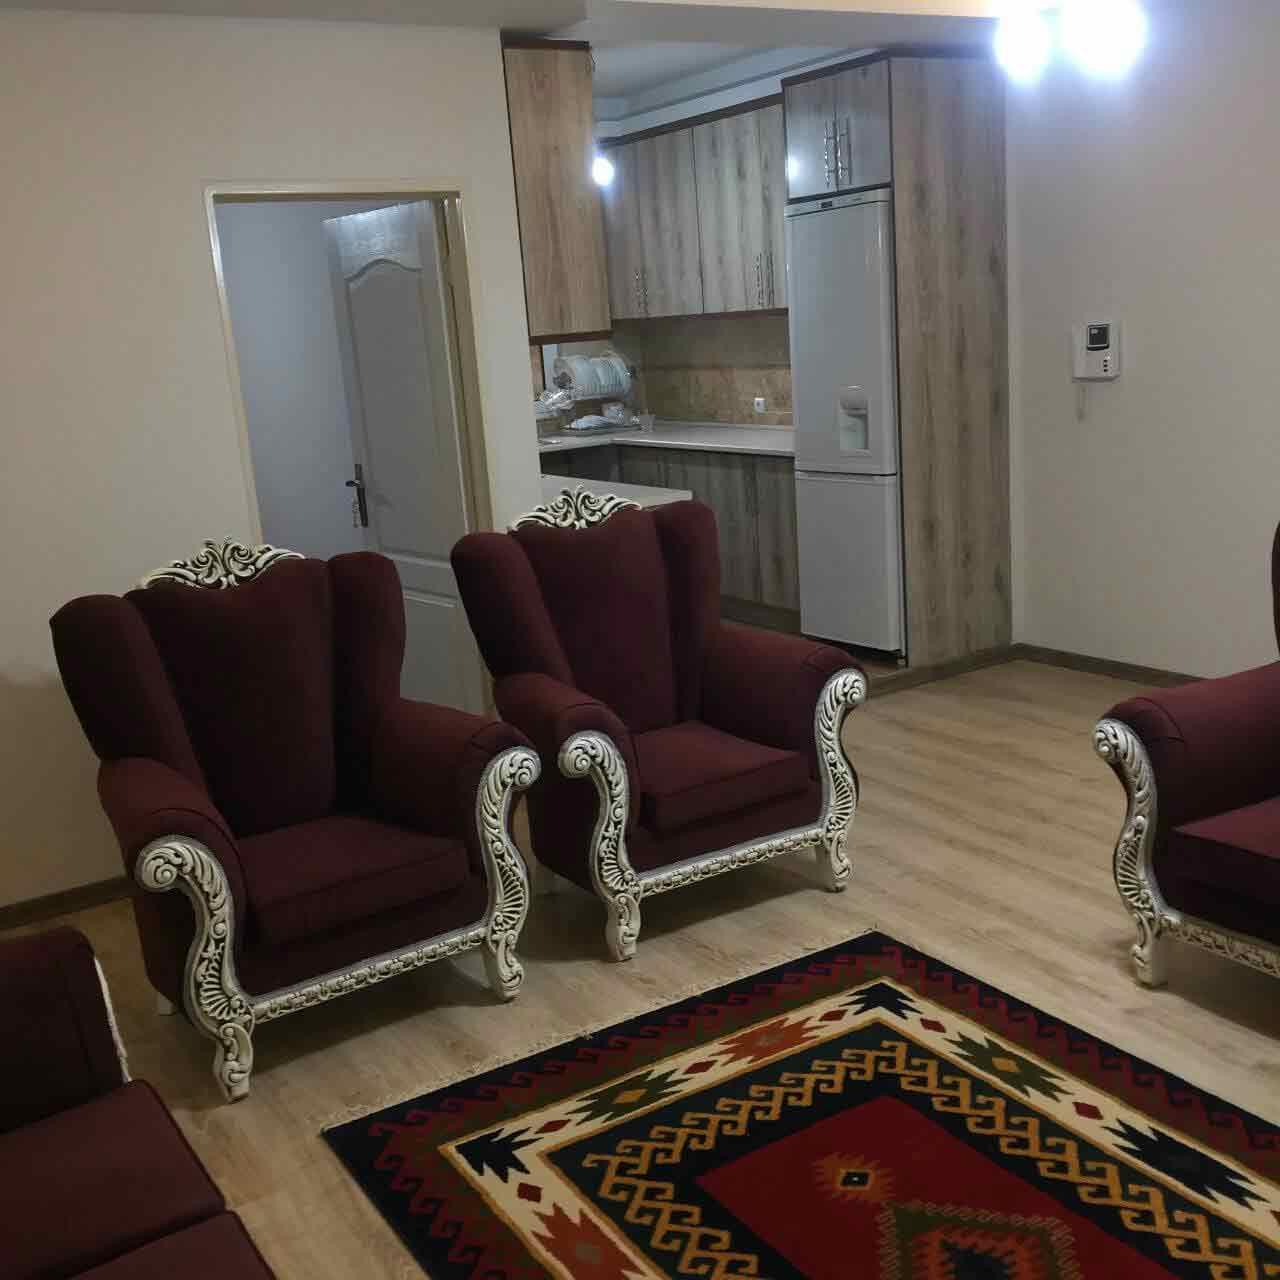 اجاره سوئیت روزانه ارزان در تهران